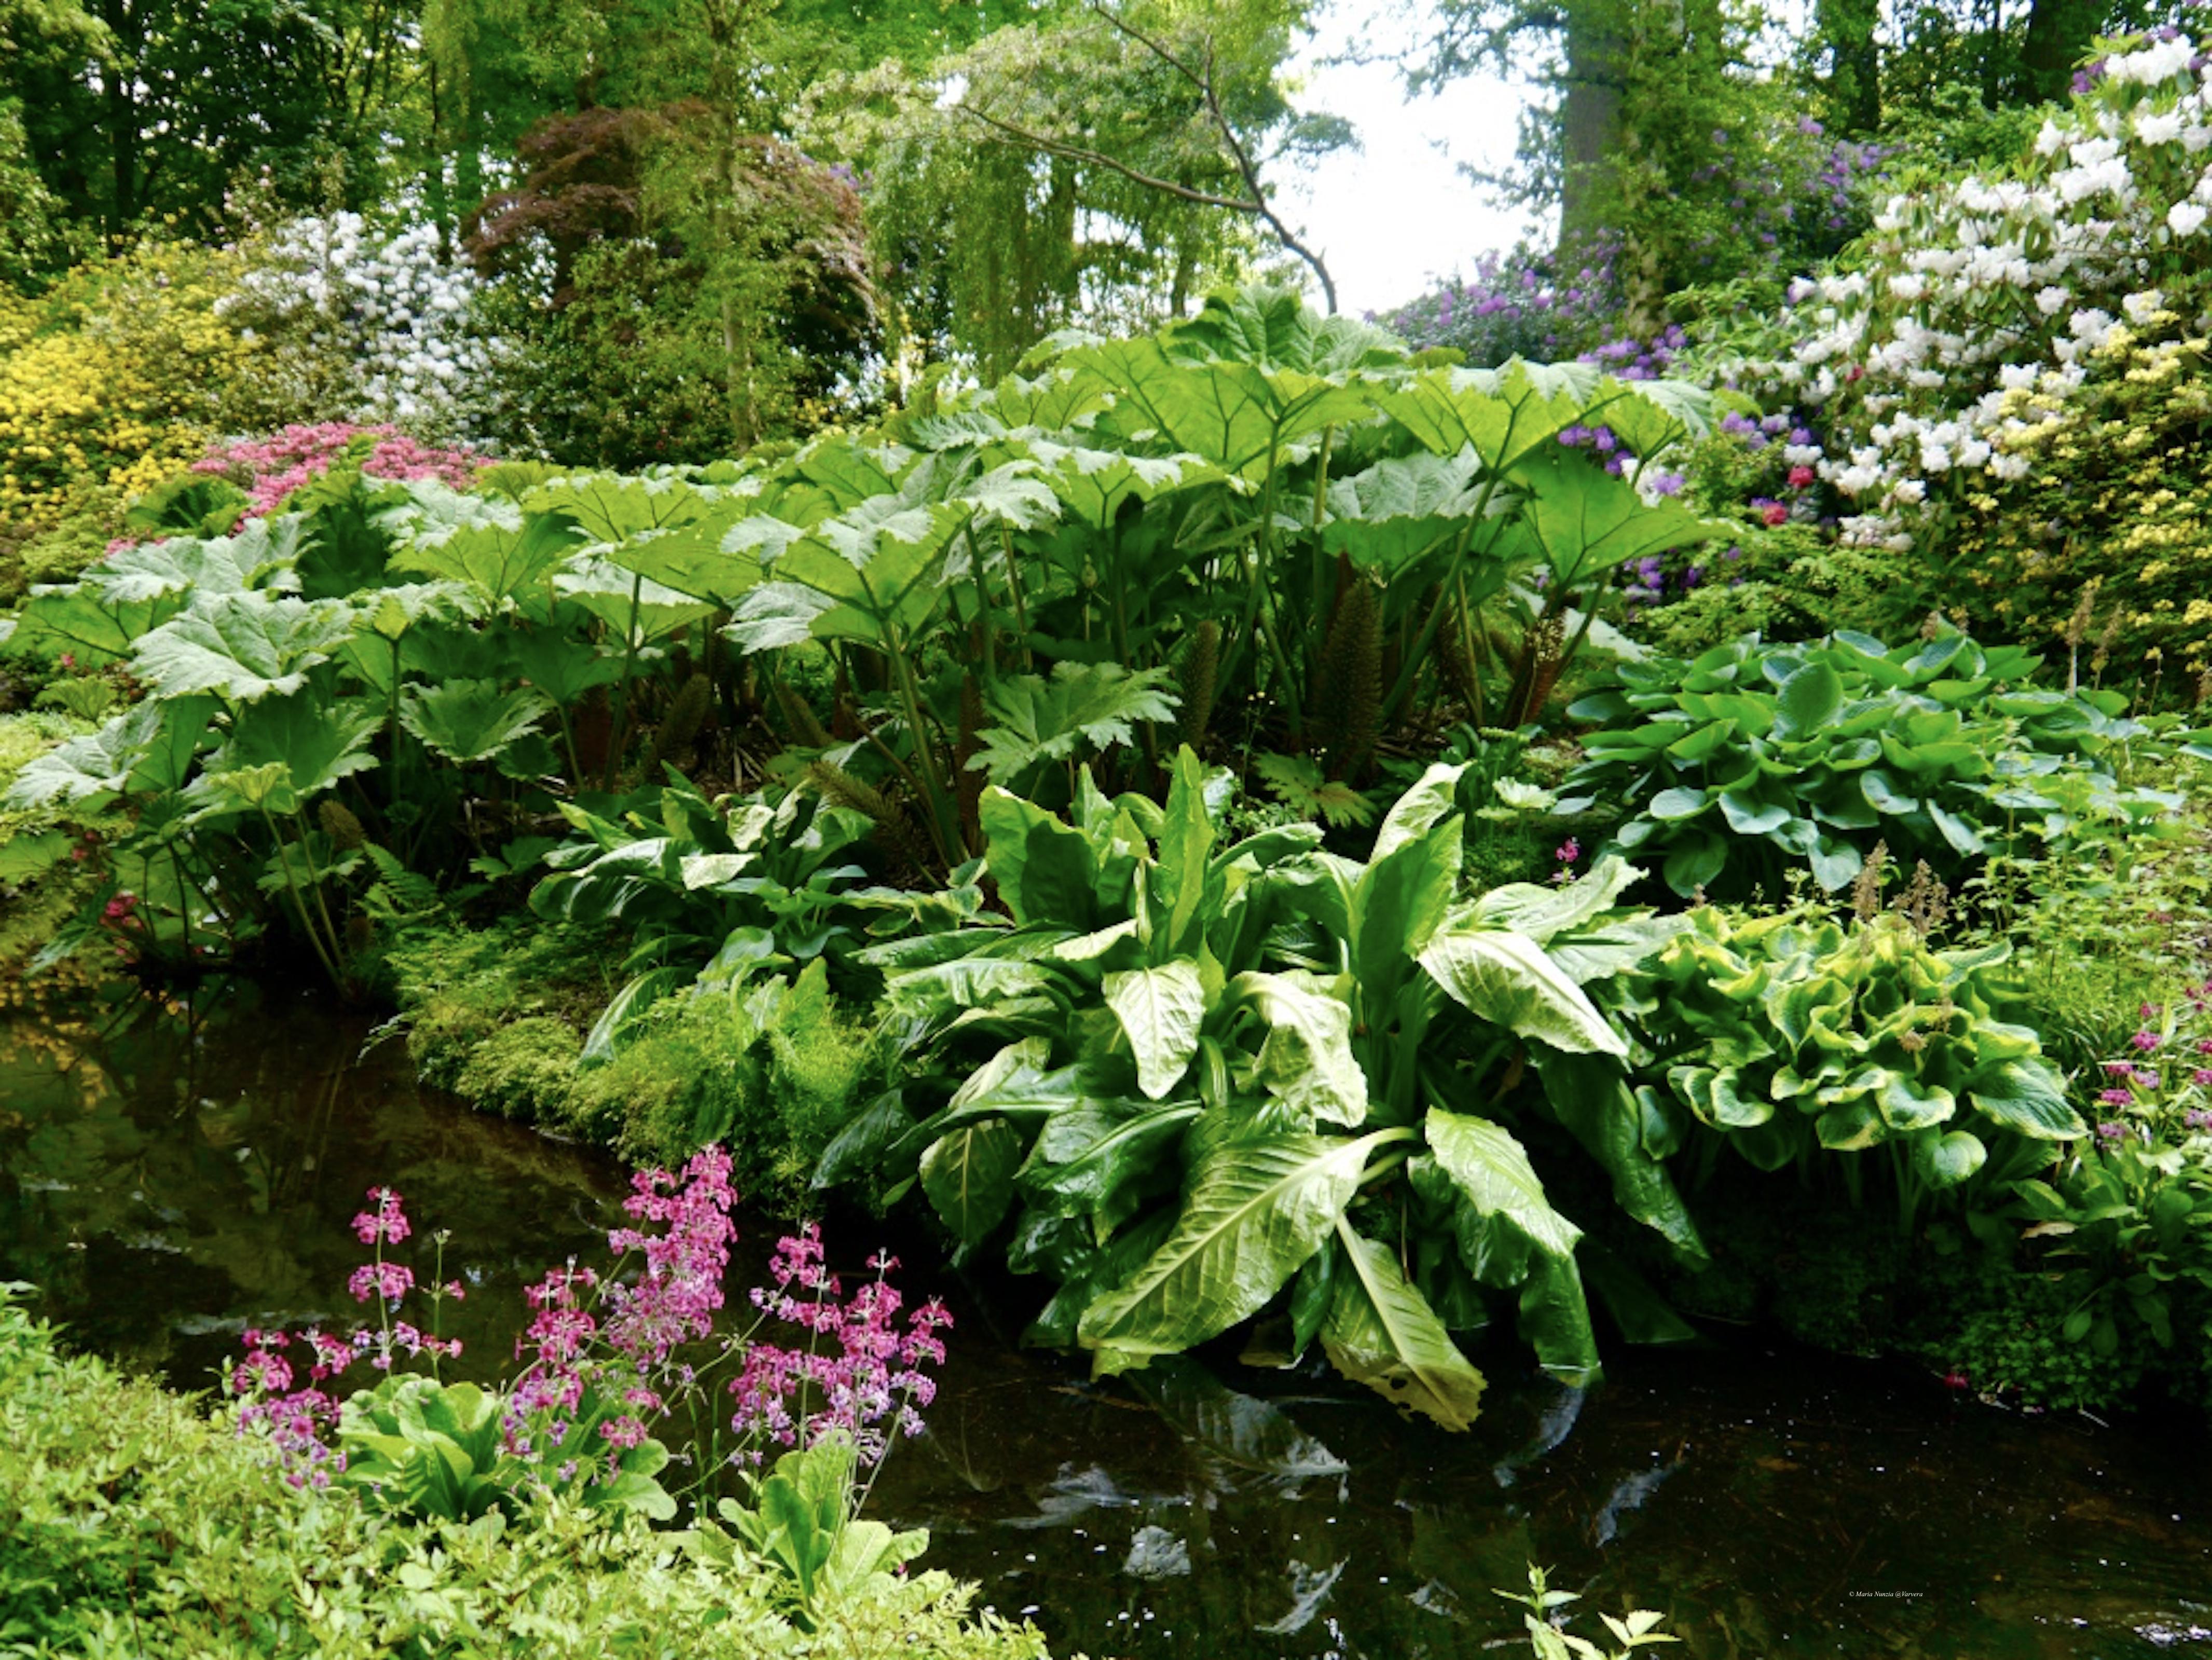 _Hodnet_Hall_Gardens_©_Maria_Nunzia__Varvera_P1460891_1024